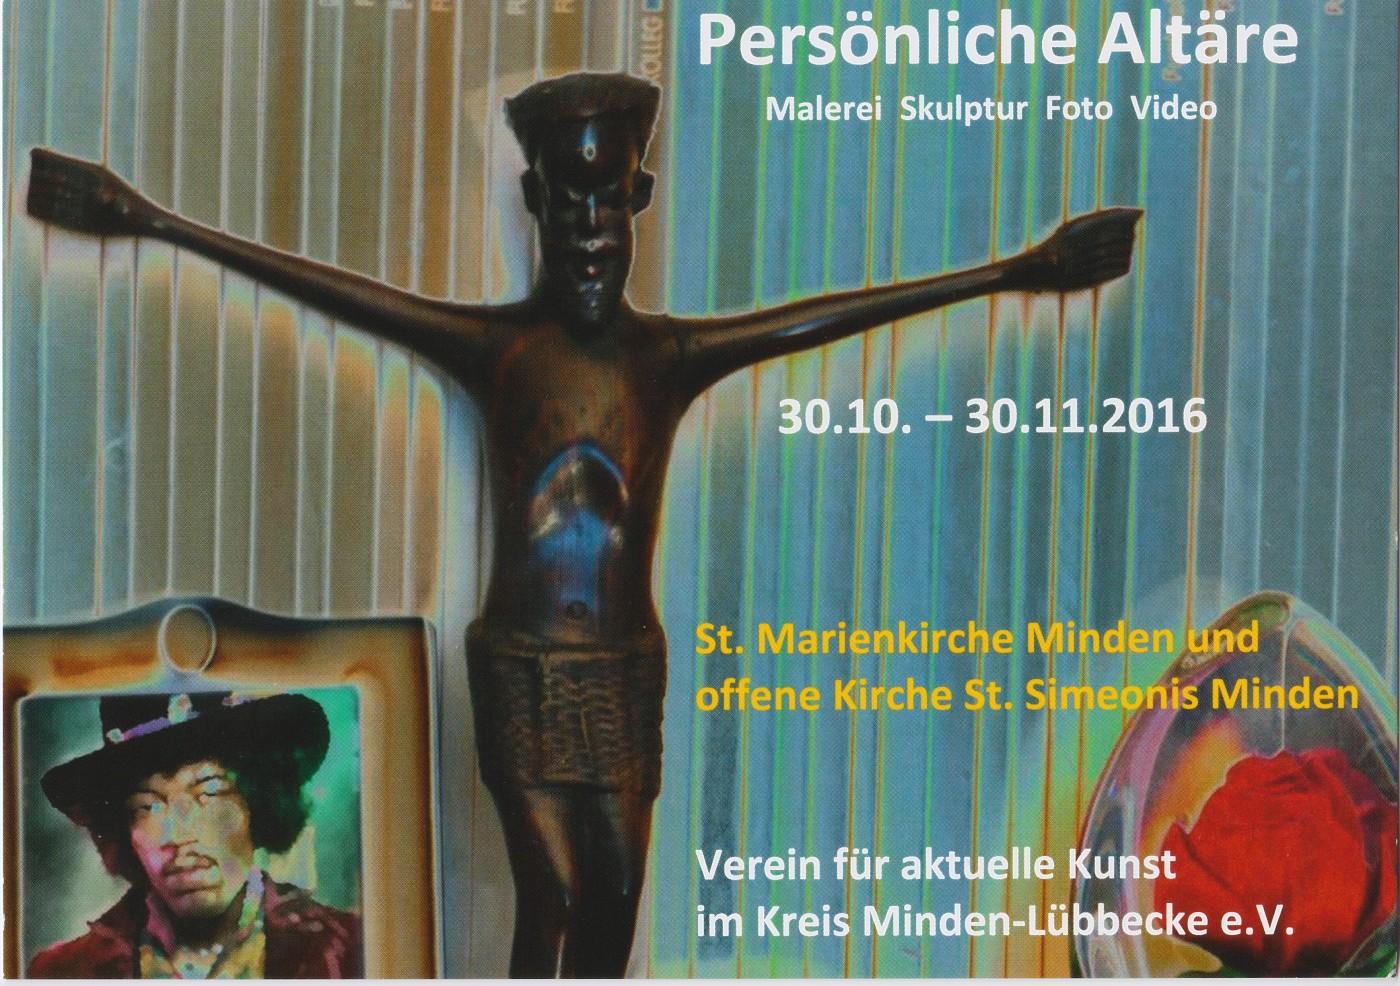 ausstellung-personliche-altare-1-2016-minden